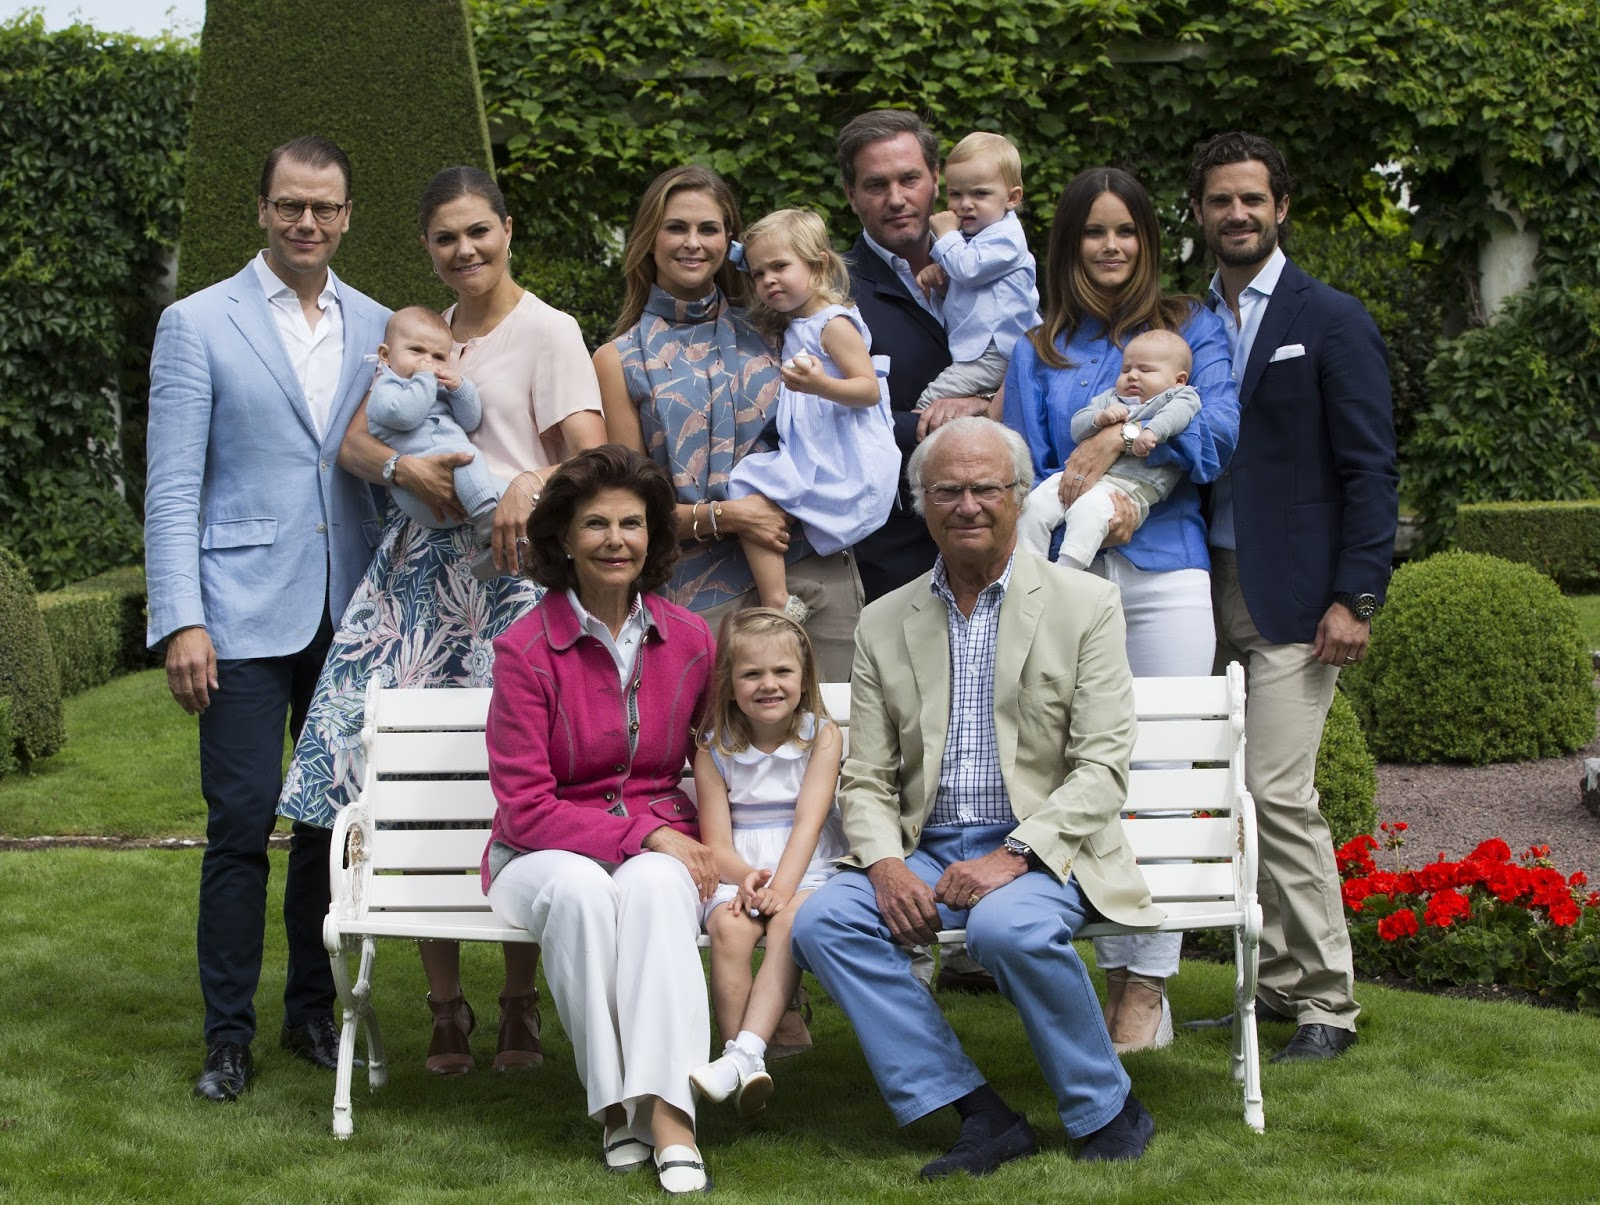 b1d668add5de Idag mötte hela den svenska kungafamiljen pressen utanför Sollidens slott  på Öland för årets sommarfotografering. Familjen har växt sedan förra året  och ...